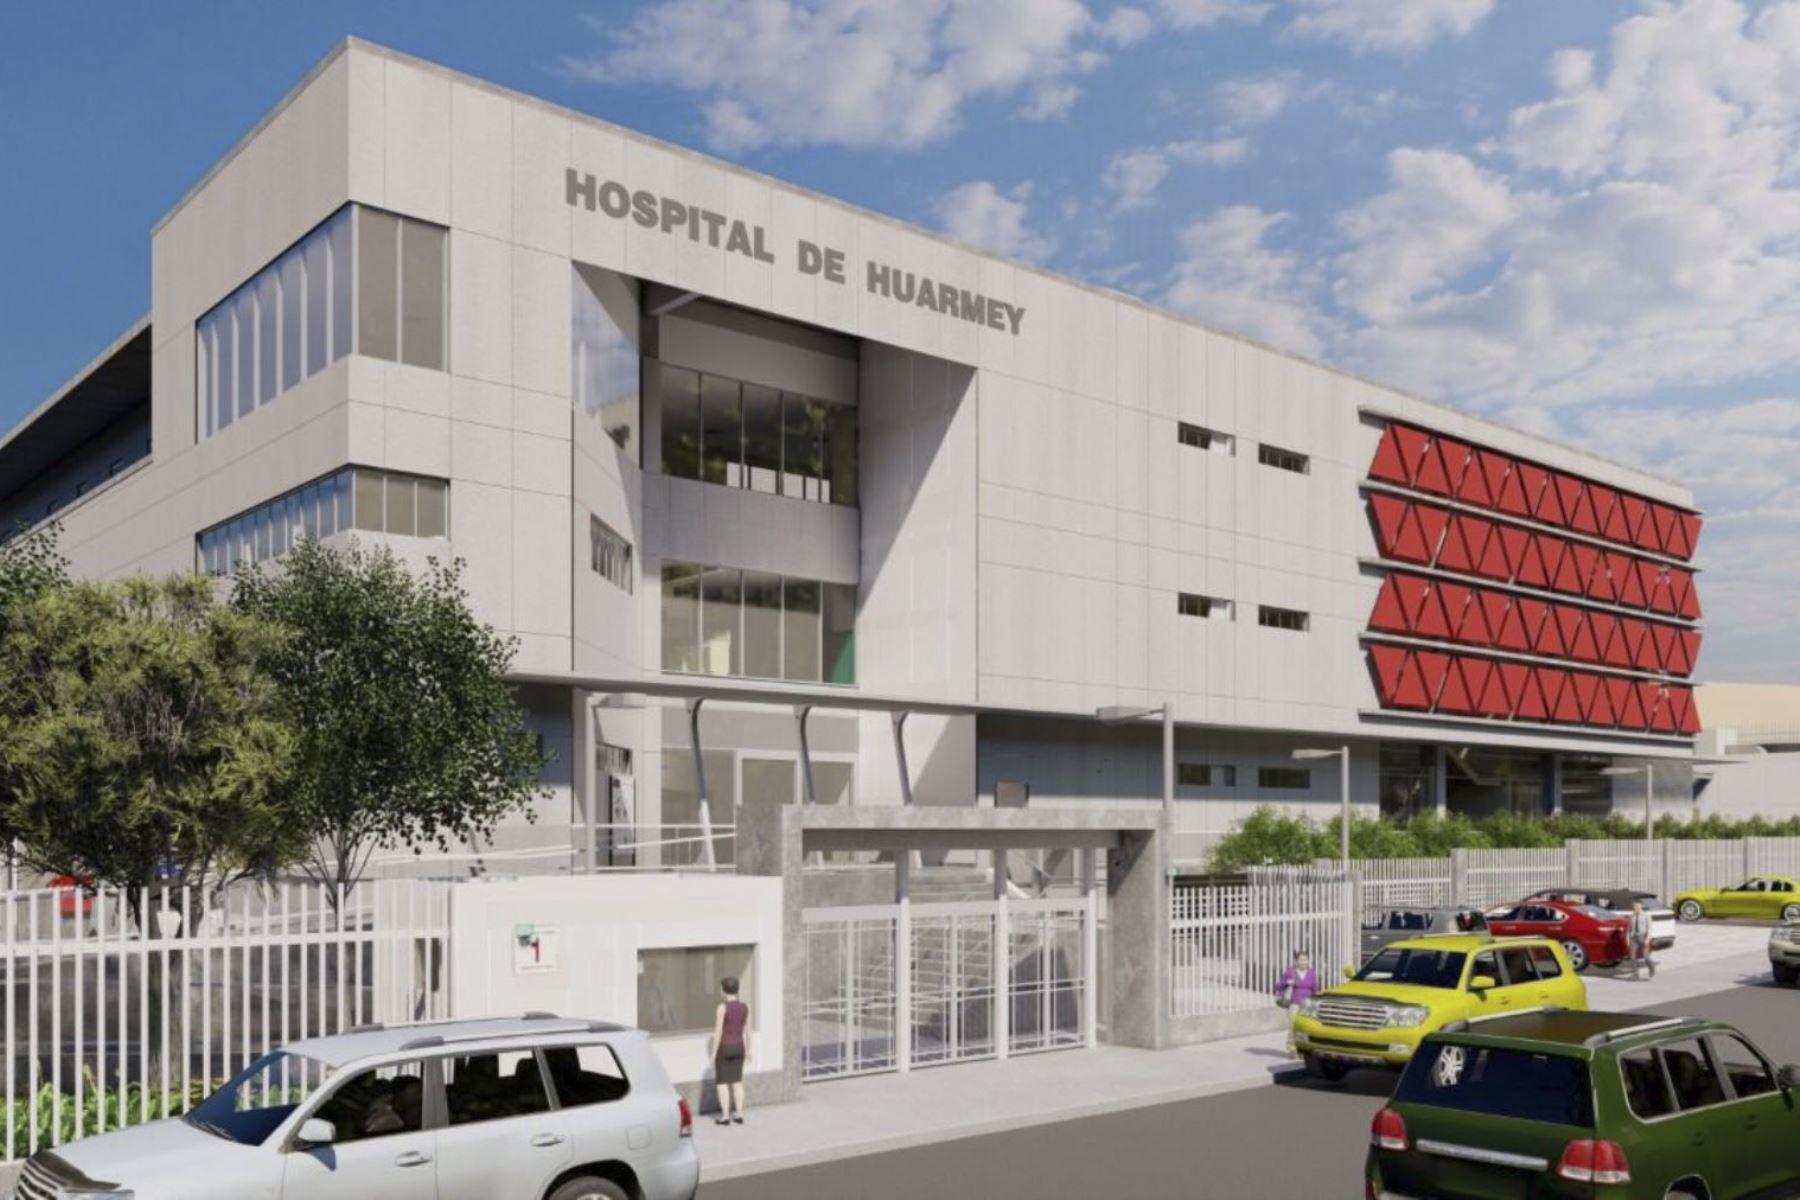 Pronis aprobó el expediente técnico para iniciar construcción del Hospital de Huarmey, en Áncash.